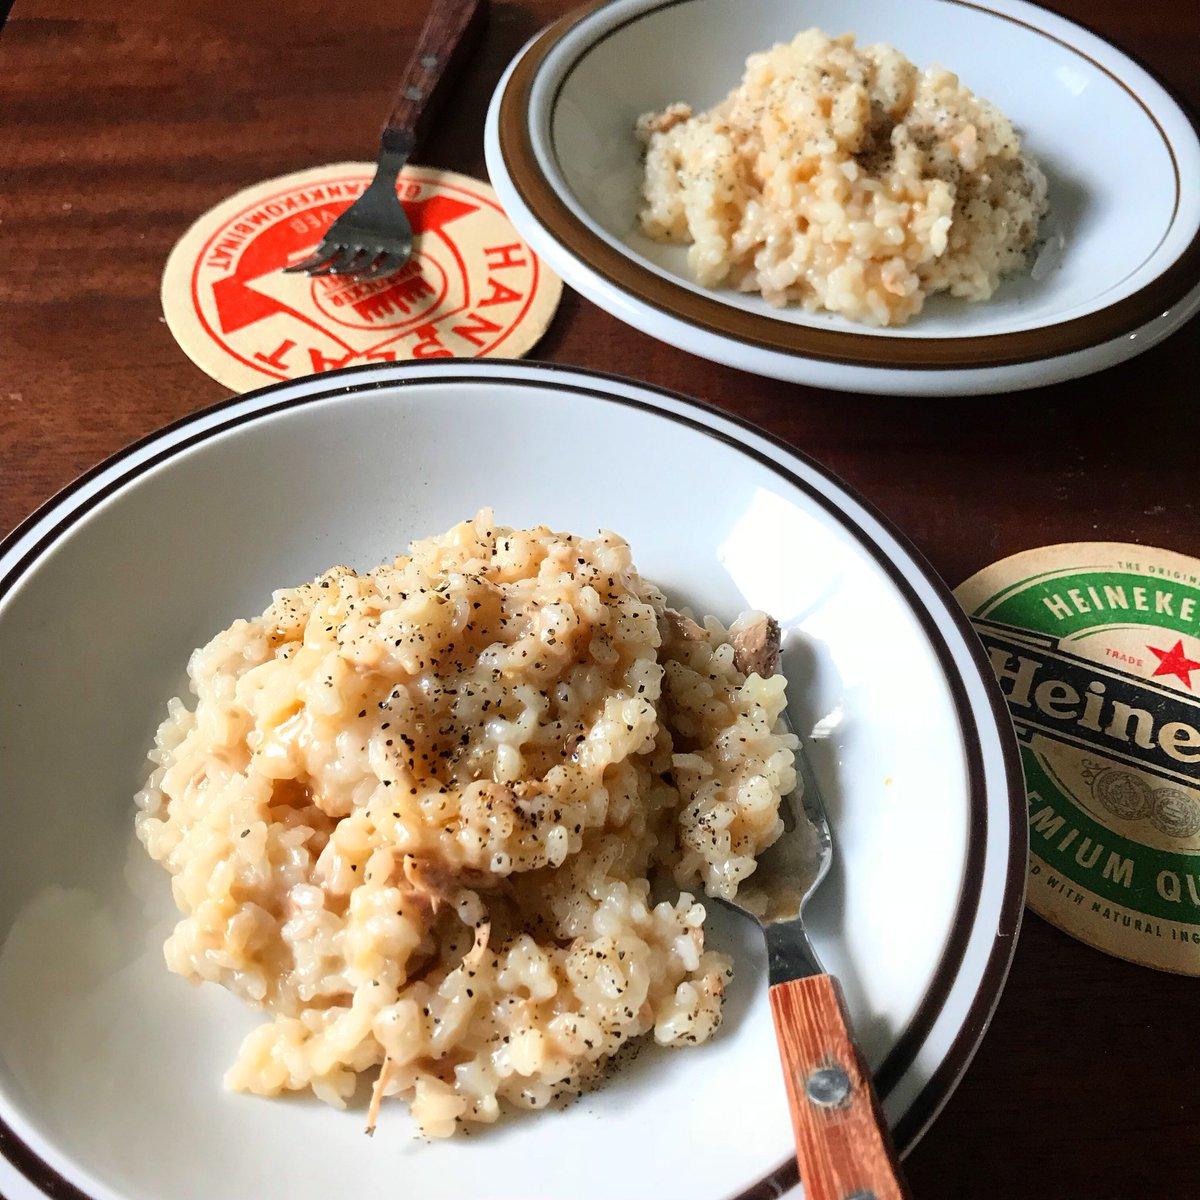 包丁、電気不要‼️  生米を洗わず調理できます  【ツナの鶏ガラ醤油リゾット】  もうこれ、めちゃくちゃ簡単やのに驚くほど美味しい  鶏ガラに麺つゆとイタリアンでもなんでもないですが、これまで載せたリゾットで1位2位を争う味かも(チーズは入れなくてもOK。雑炊としてどうぞ)  良かったら↓